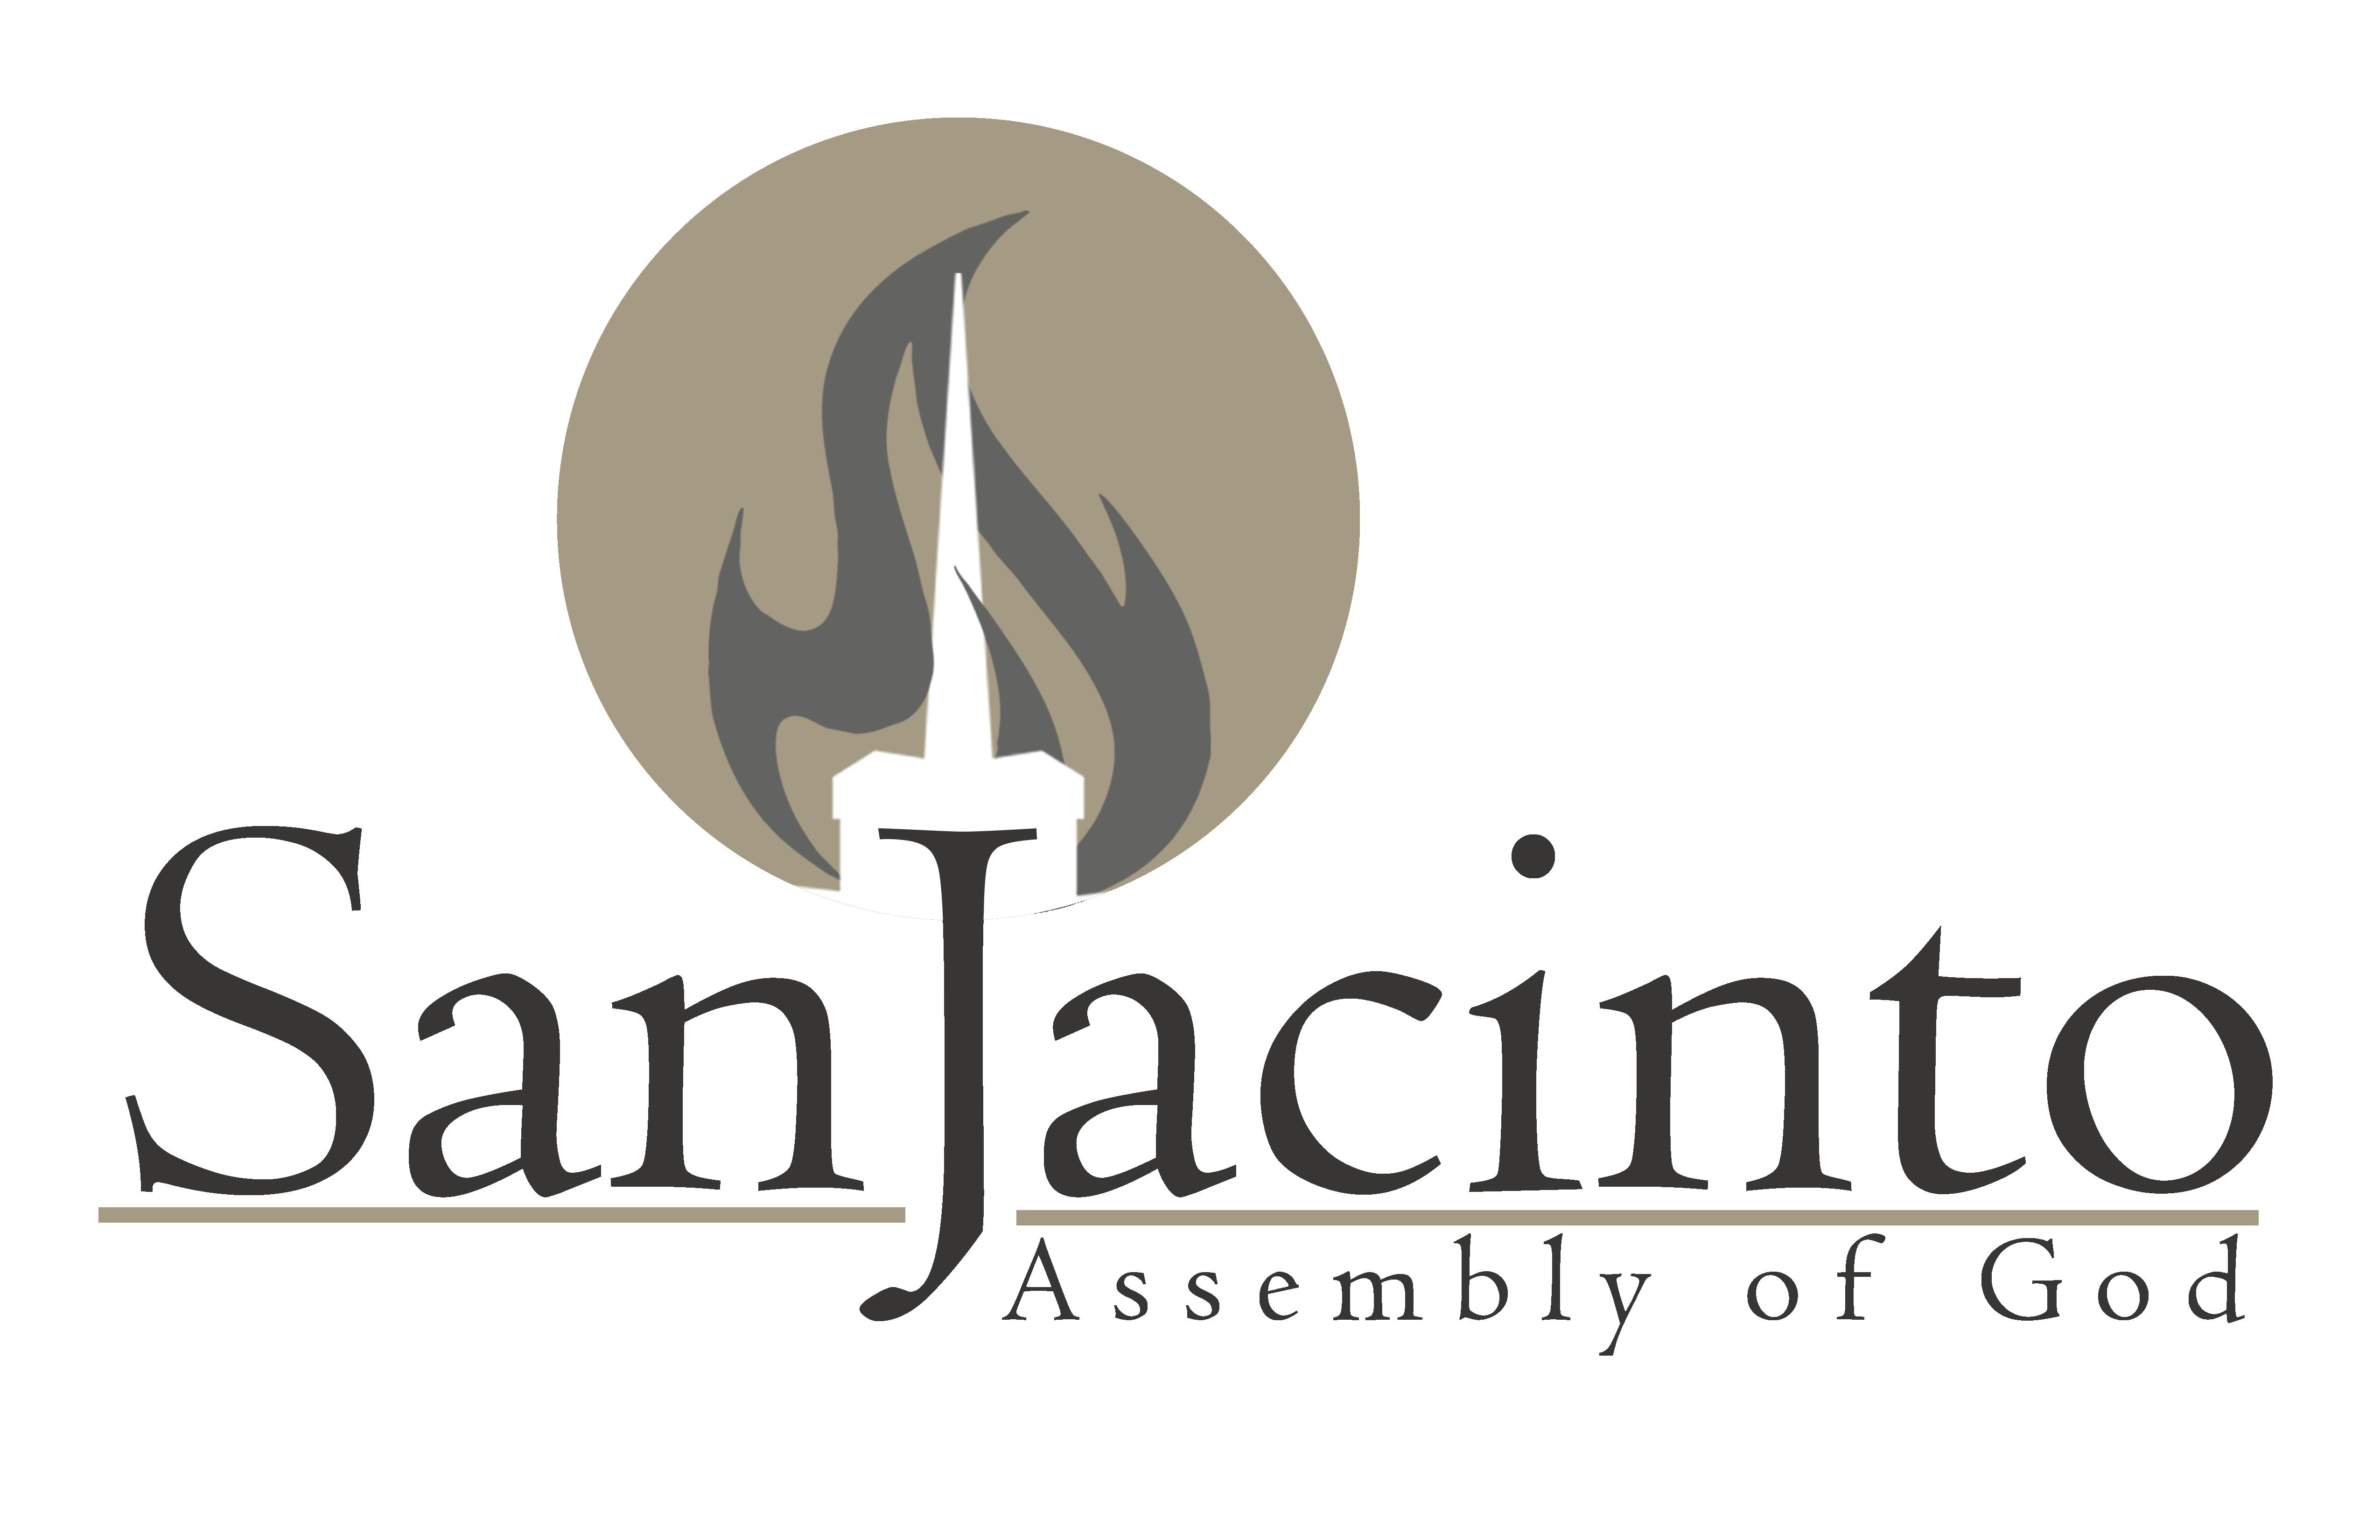 San Jacinto Assembly of God